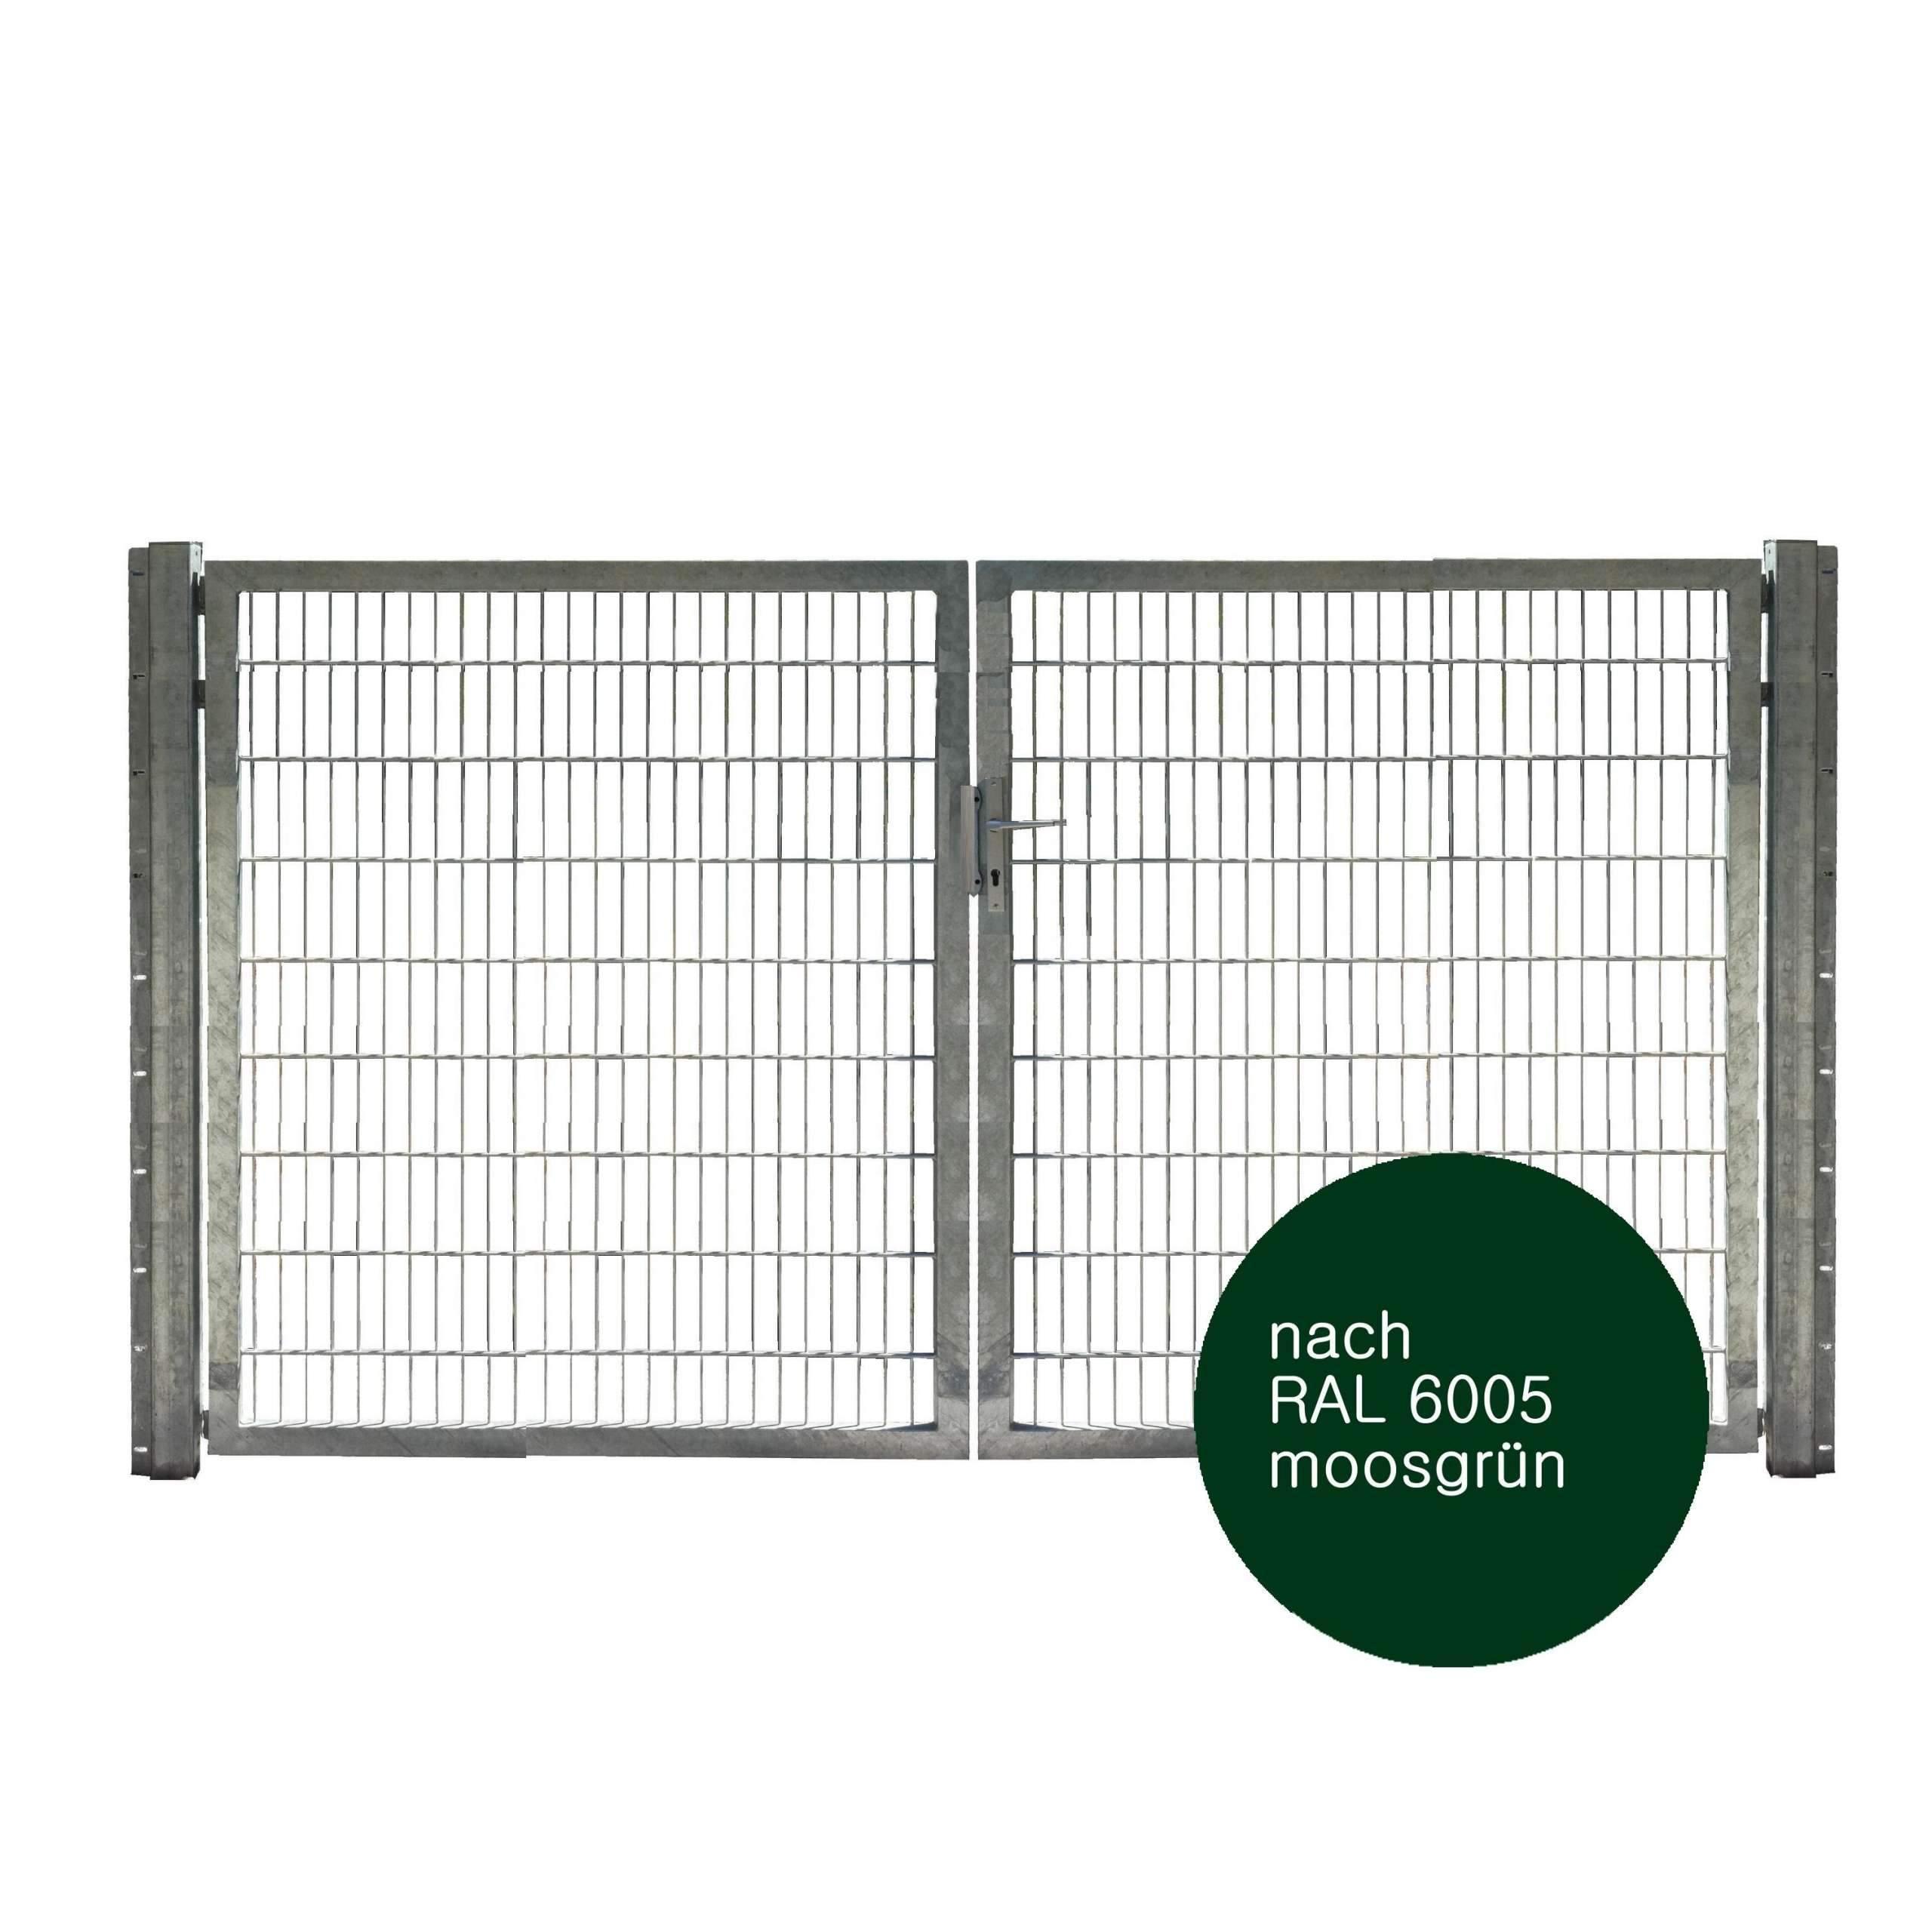 Toranlage 2 fluegelig Industrie IGT Vario gruen 3000x1800 1280x1280 2x